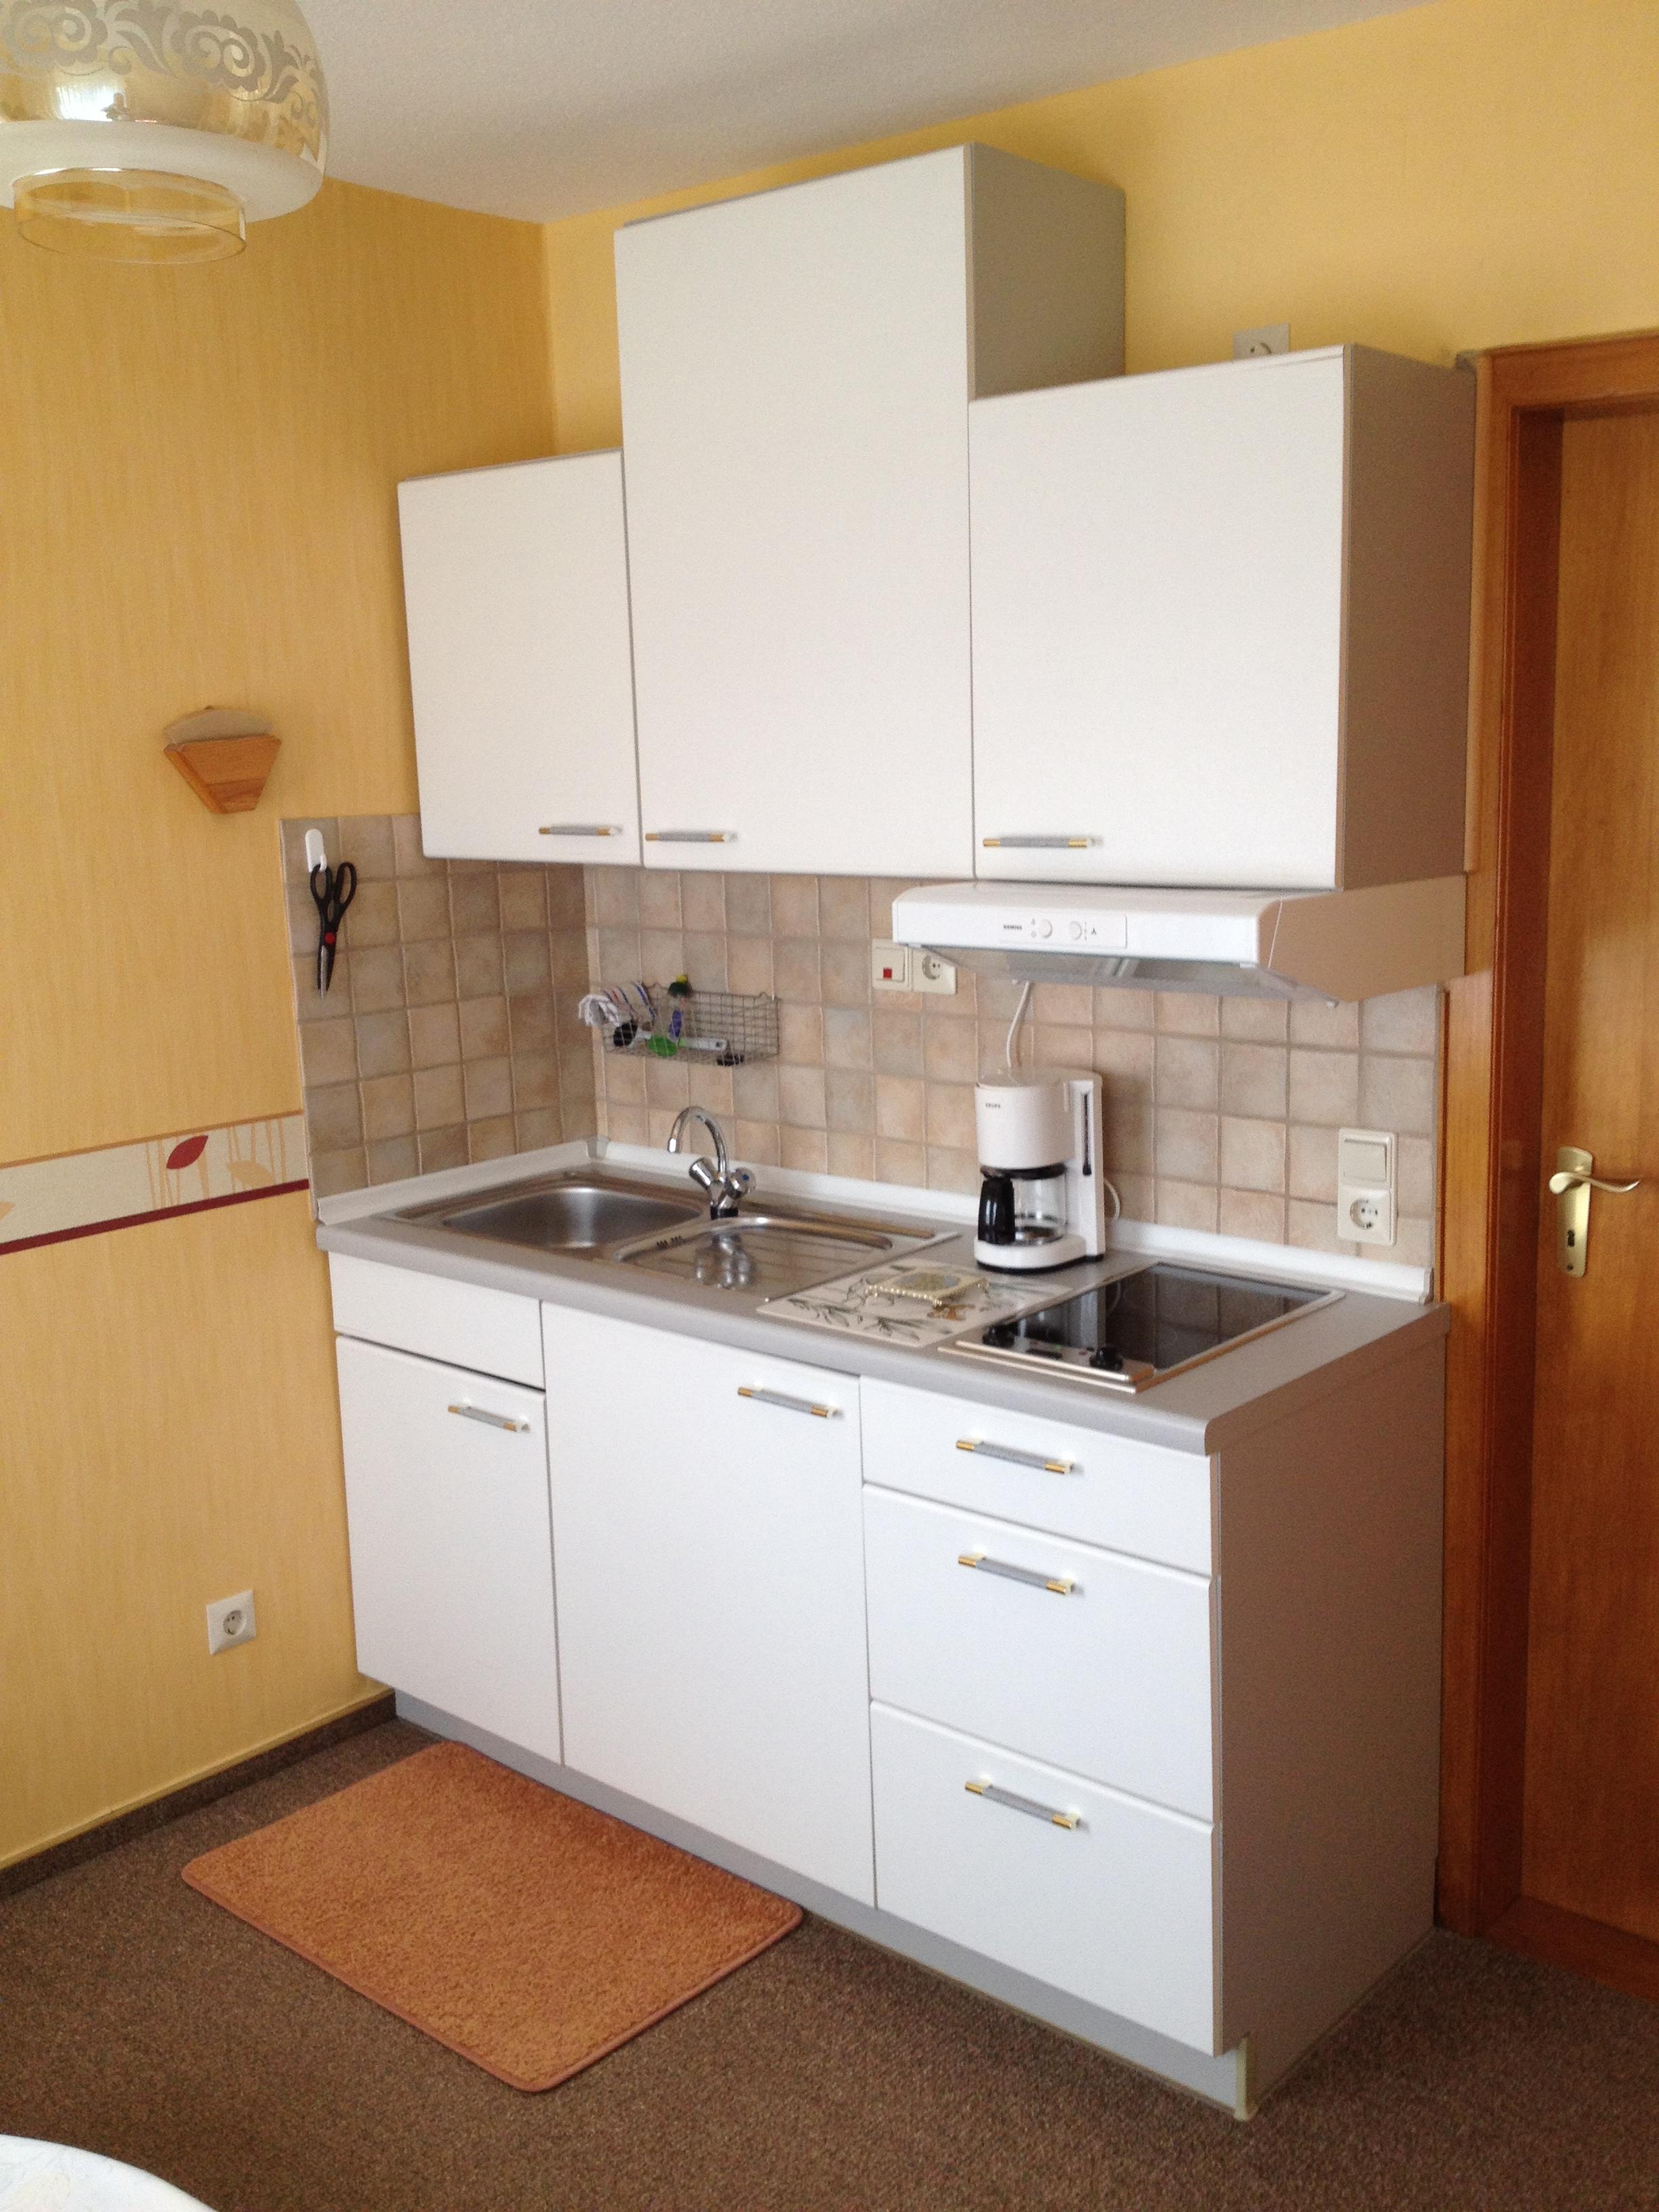 Einzel-Zimmer: Küchenzeile